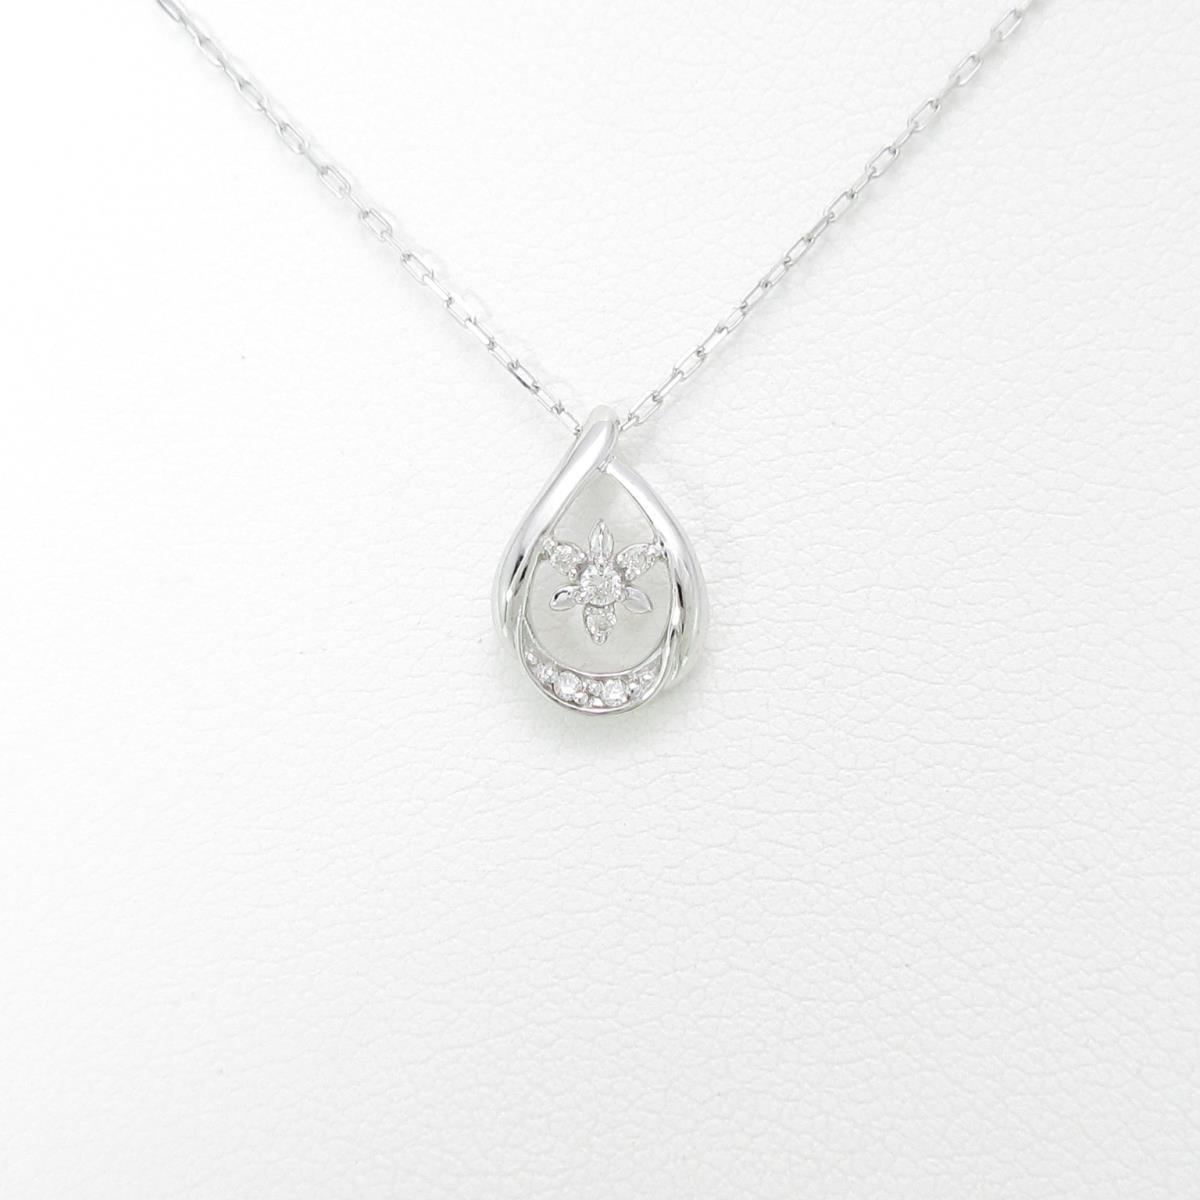 4゜C フラワー ダイヤモンドネックレス【中古】